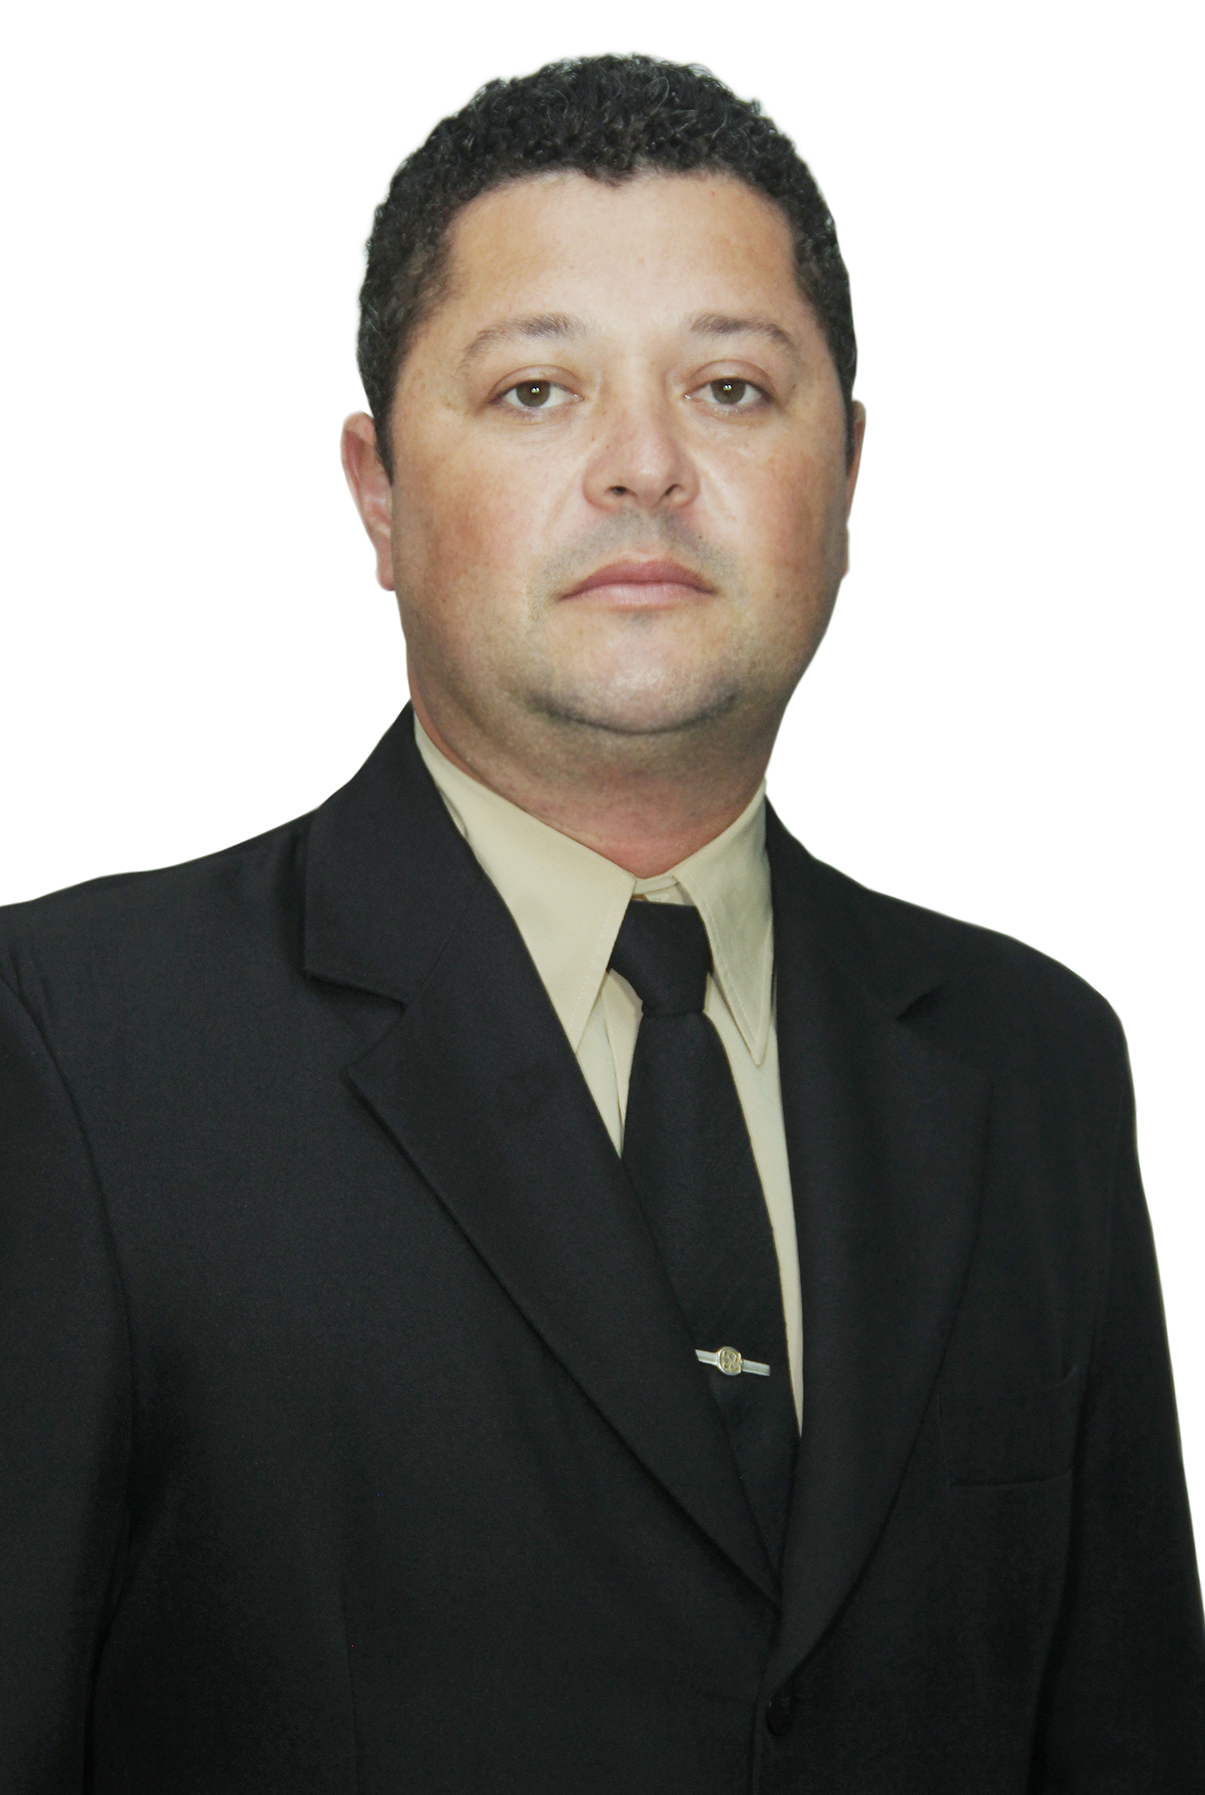 Virlenio Almeida dos Santos